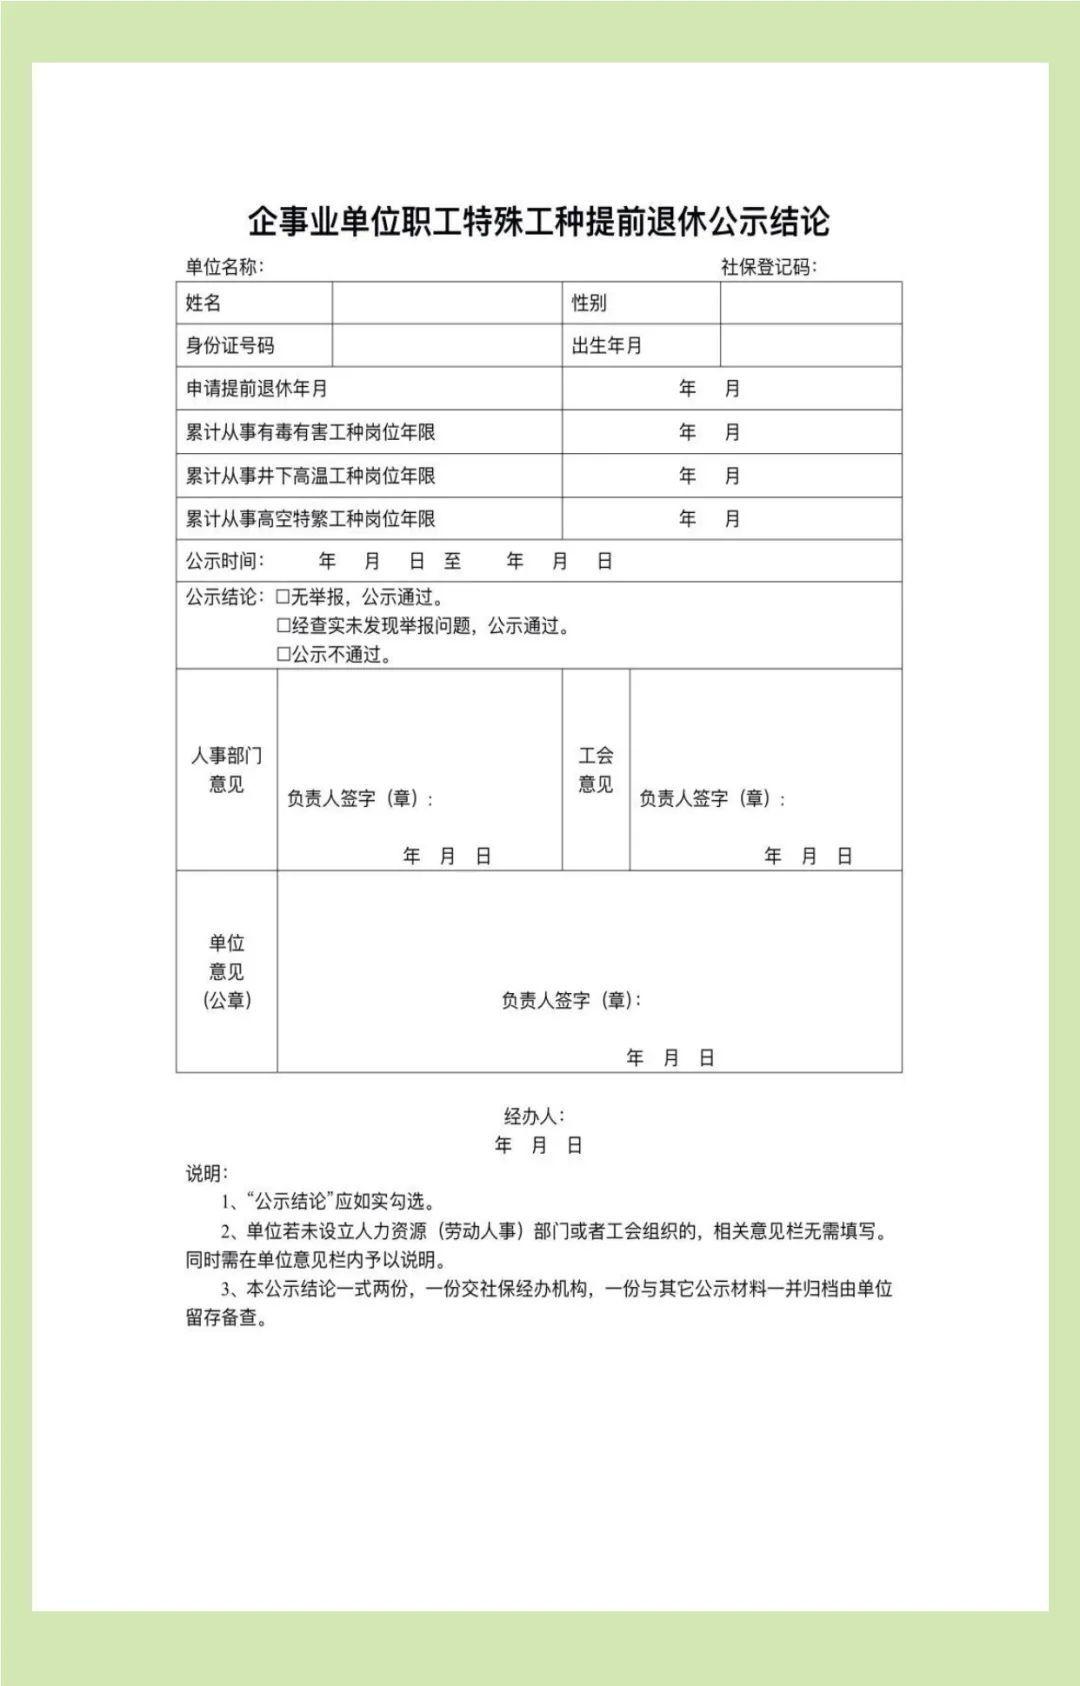 最新退休年龄新规定(特殊工种退休最新规定2021年)